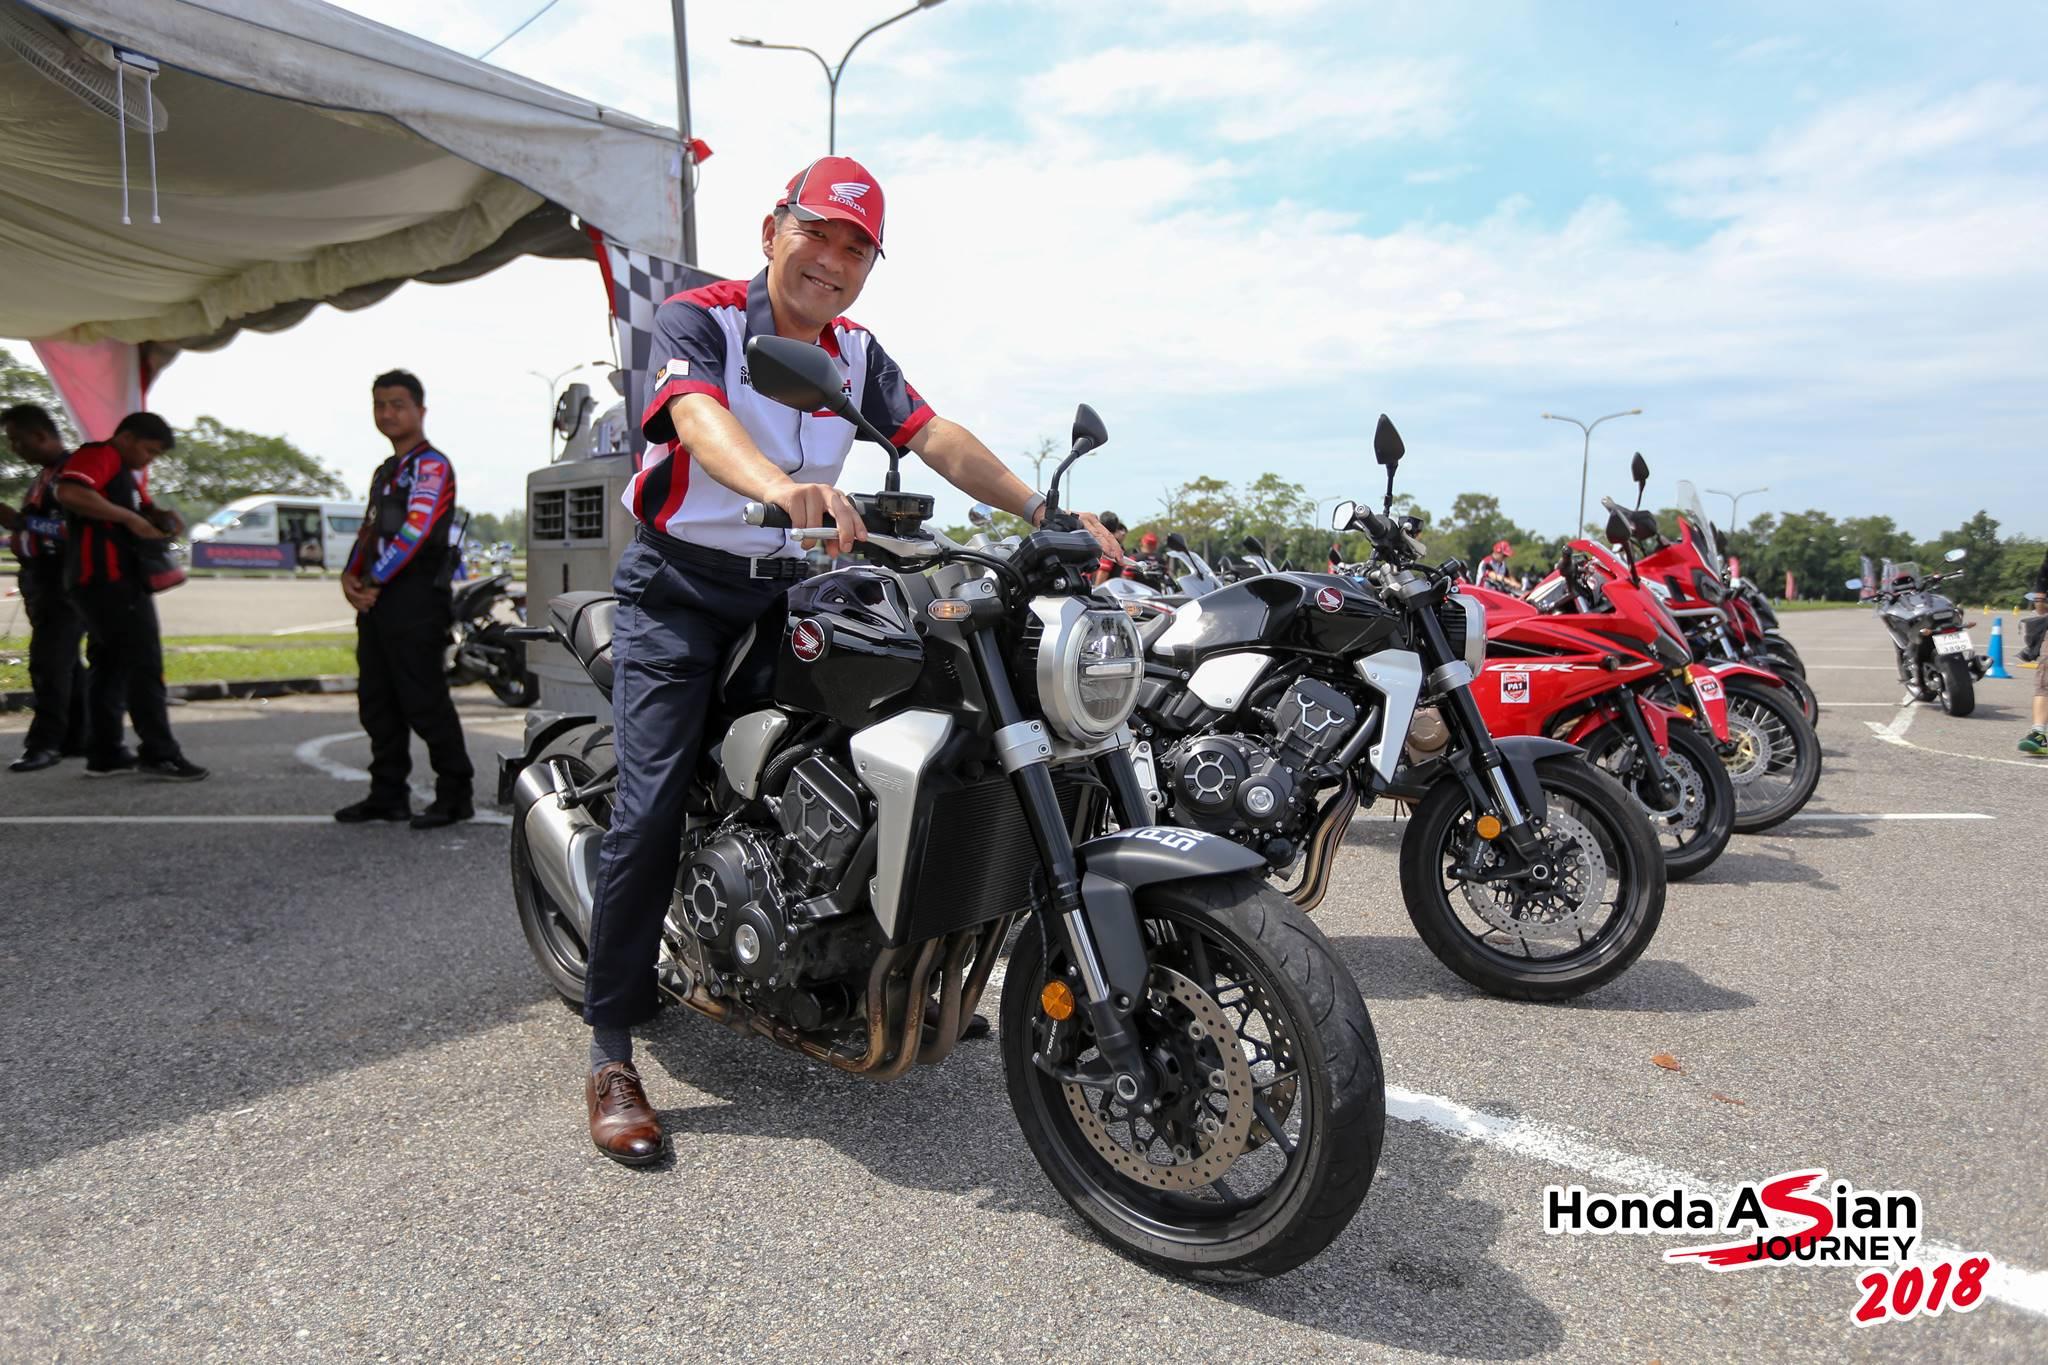 honda-asian-journey-2018-xe-tinhte-013.jpg